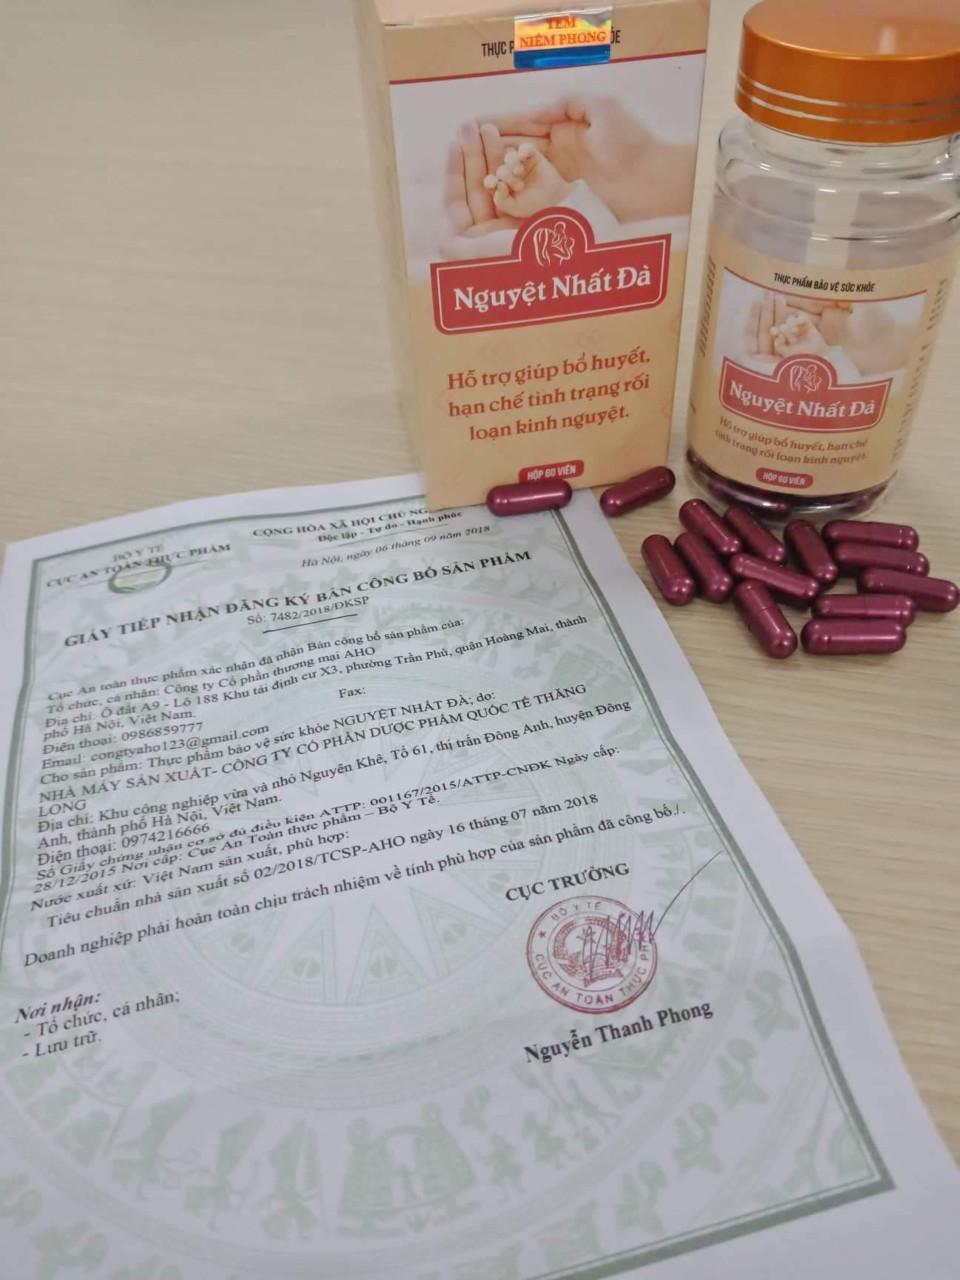 Giấy công bố chứng nhận của bộ y tế về sản phẩm Nguyệt Nhất Đà